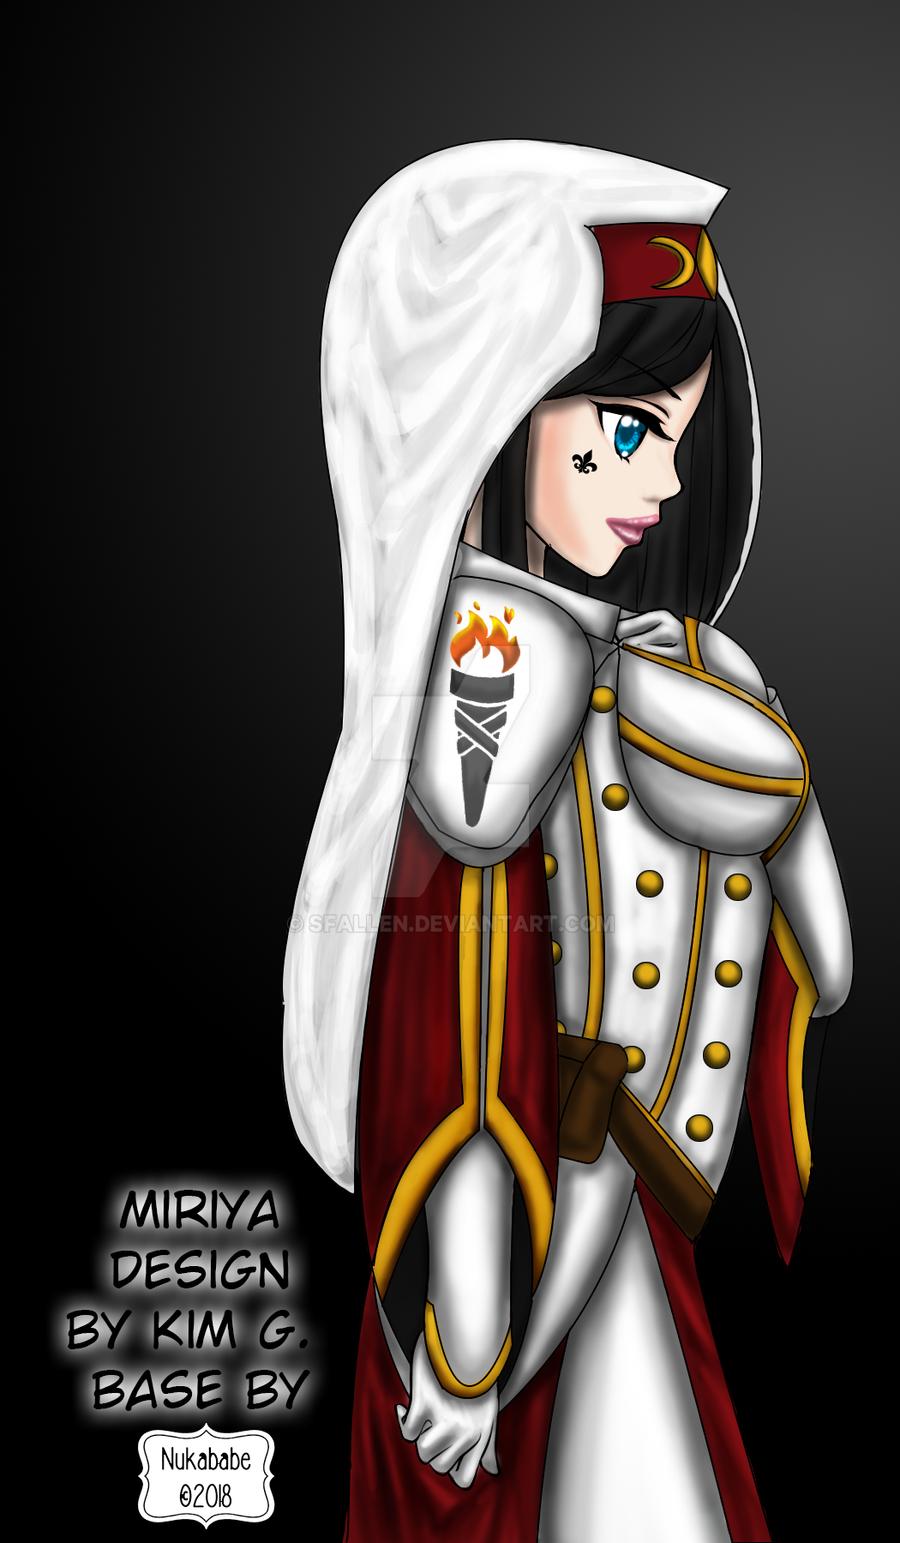 Miriya by sfallen